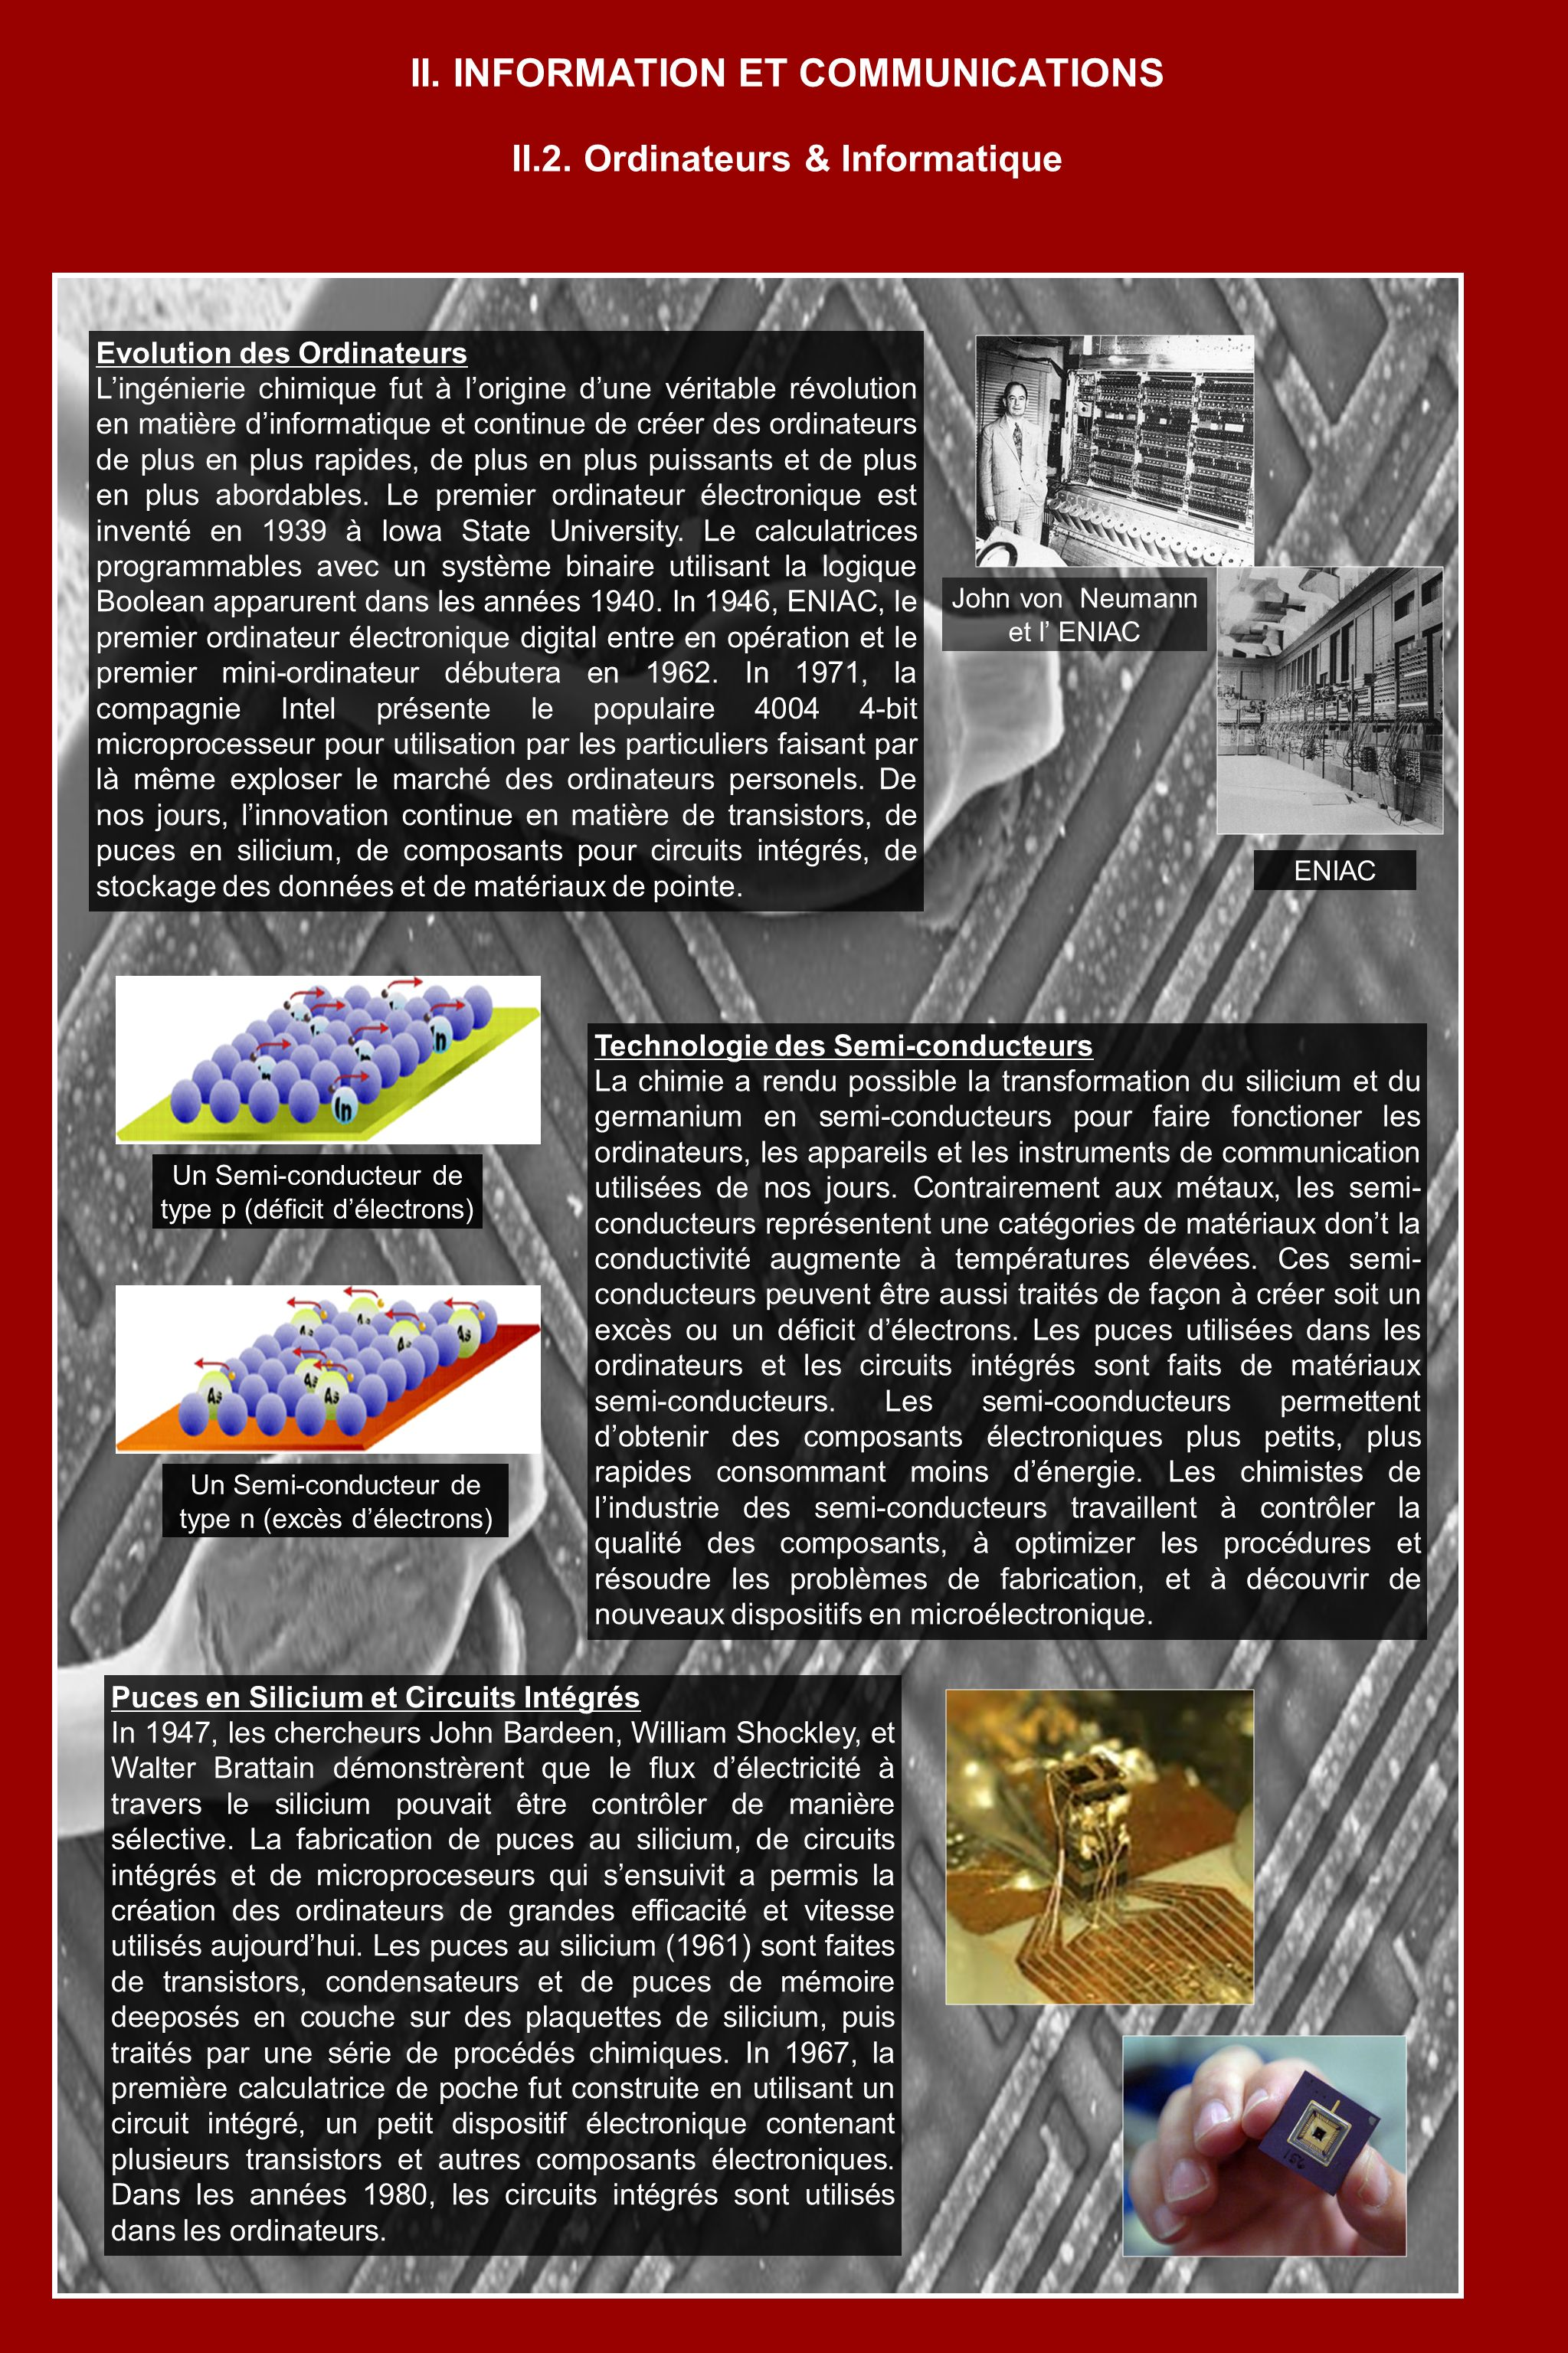 Evolution des Ordinateurs Lingénierie chimique fut à lorigine dune véritable révolution en matière dinformatique et continue de créer des ordinateurs de plus en plus rapides, de plus en plus puissants et de plus en plus abordables.